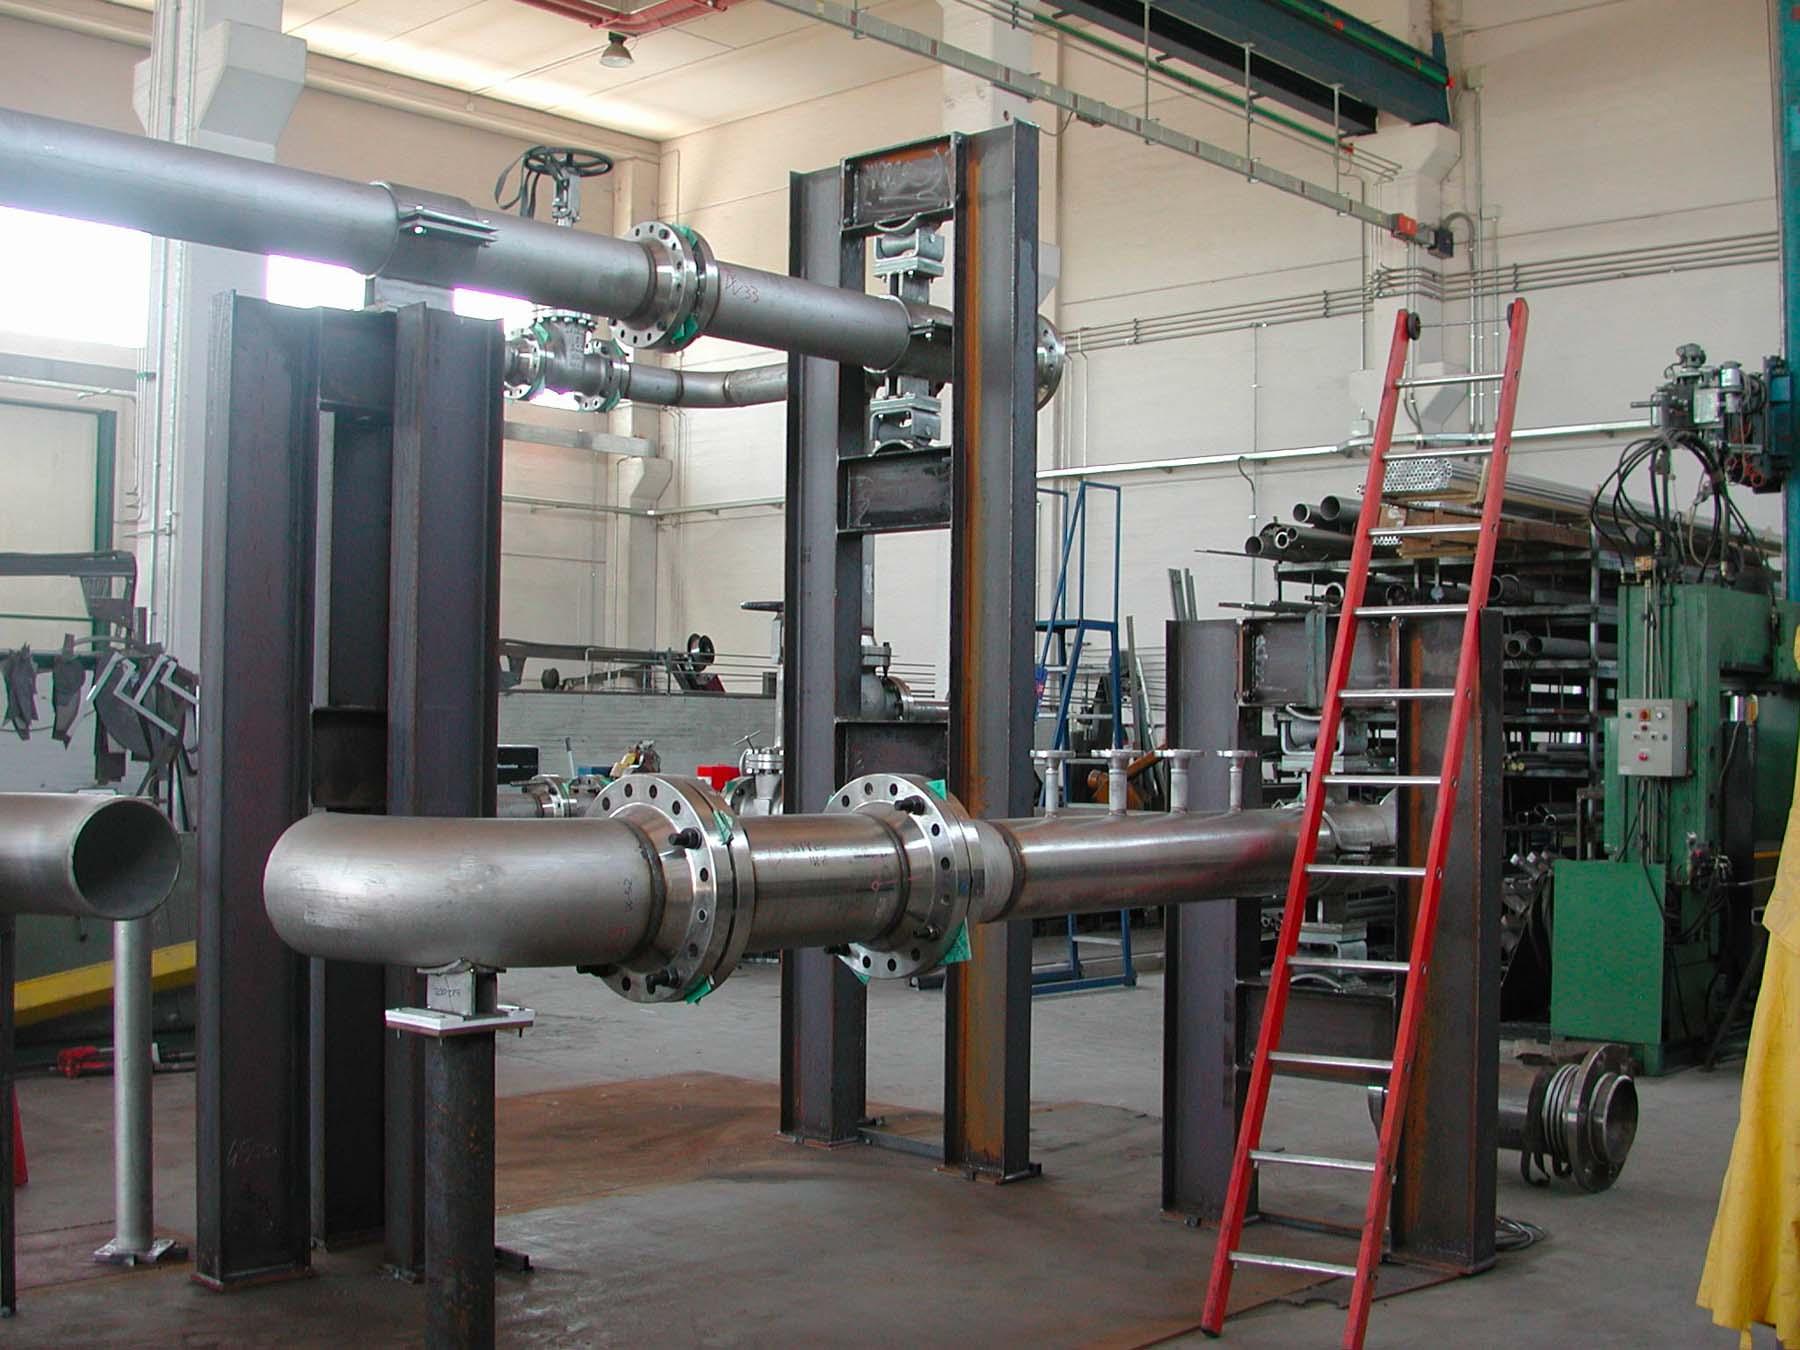 Gruppo turbina-compressore – Tubazioni | Carpenteria Locatelli Bergamo